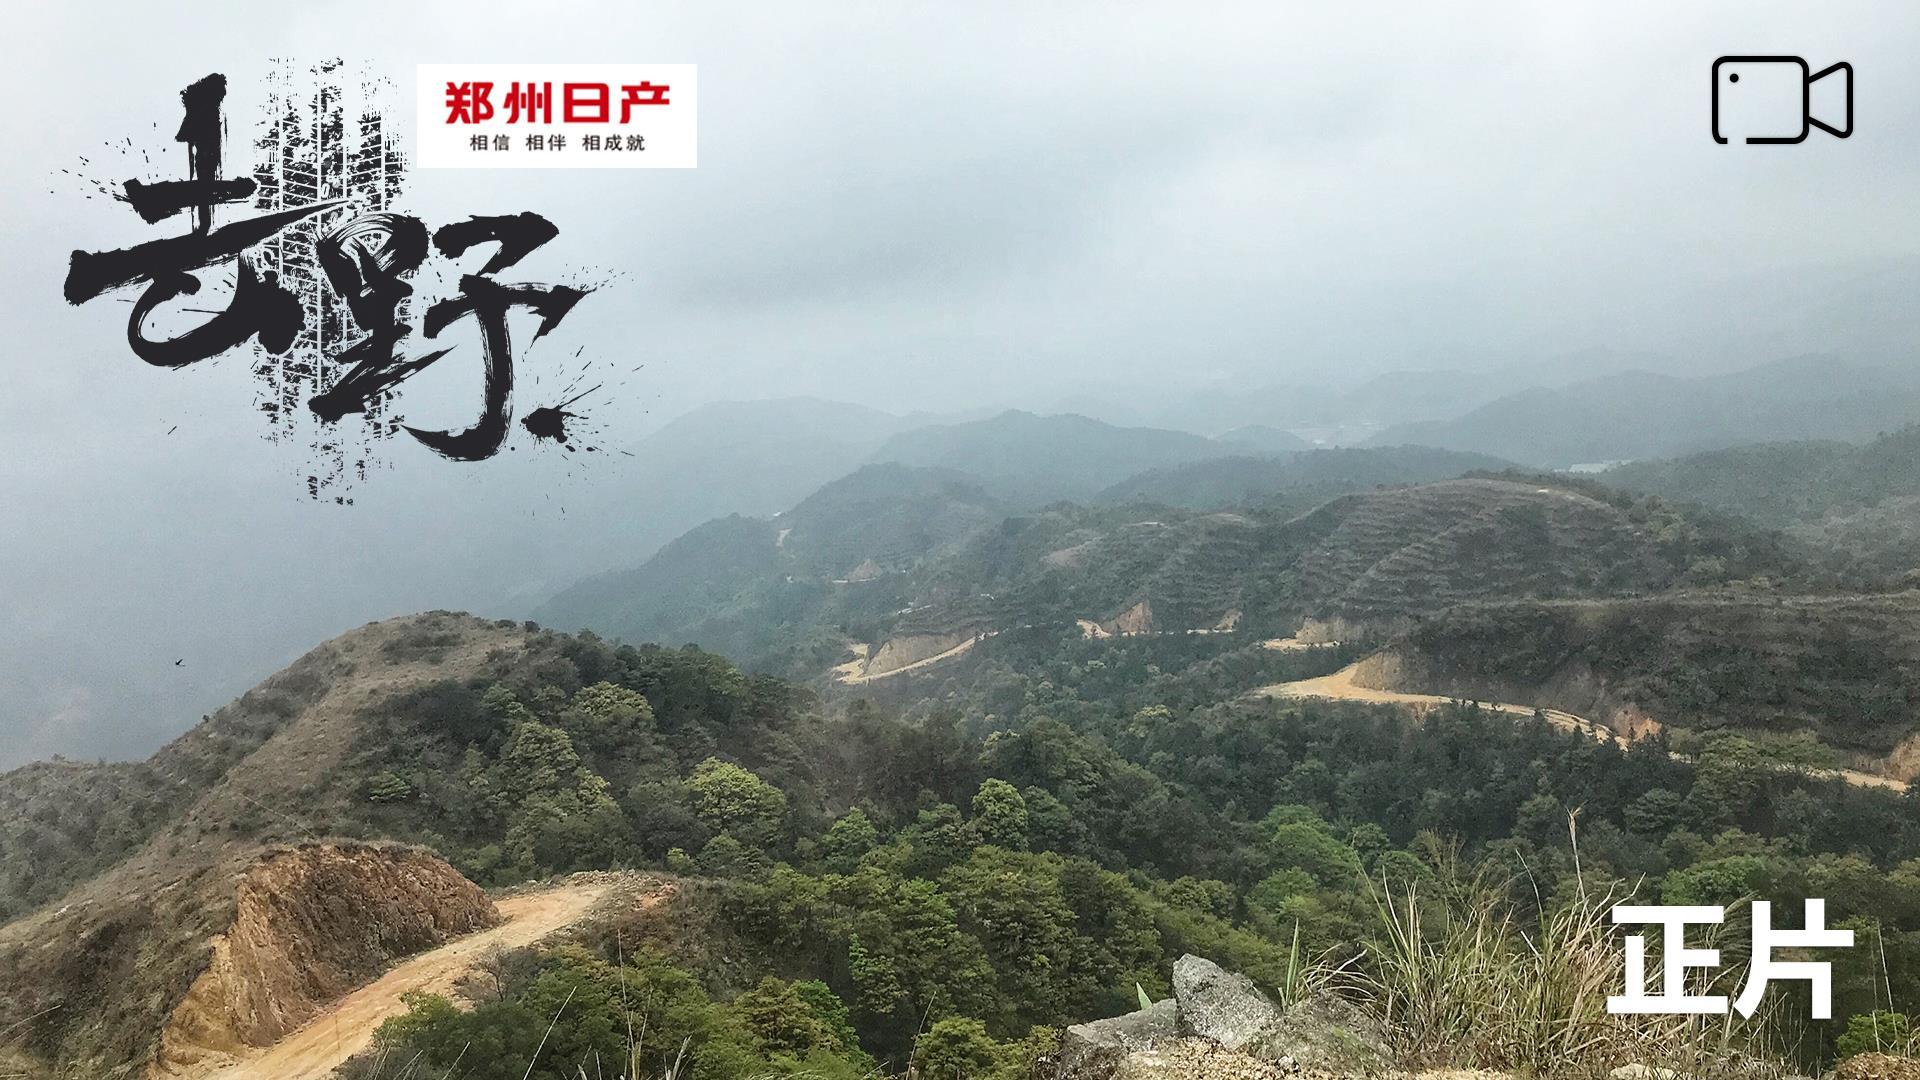 日产纳瓦拉带你去野,登顶南粤之巅天露山